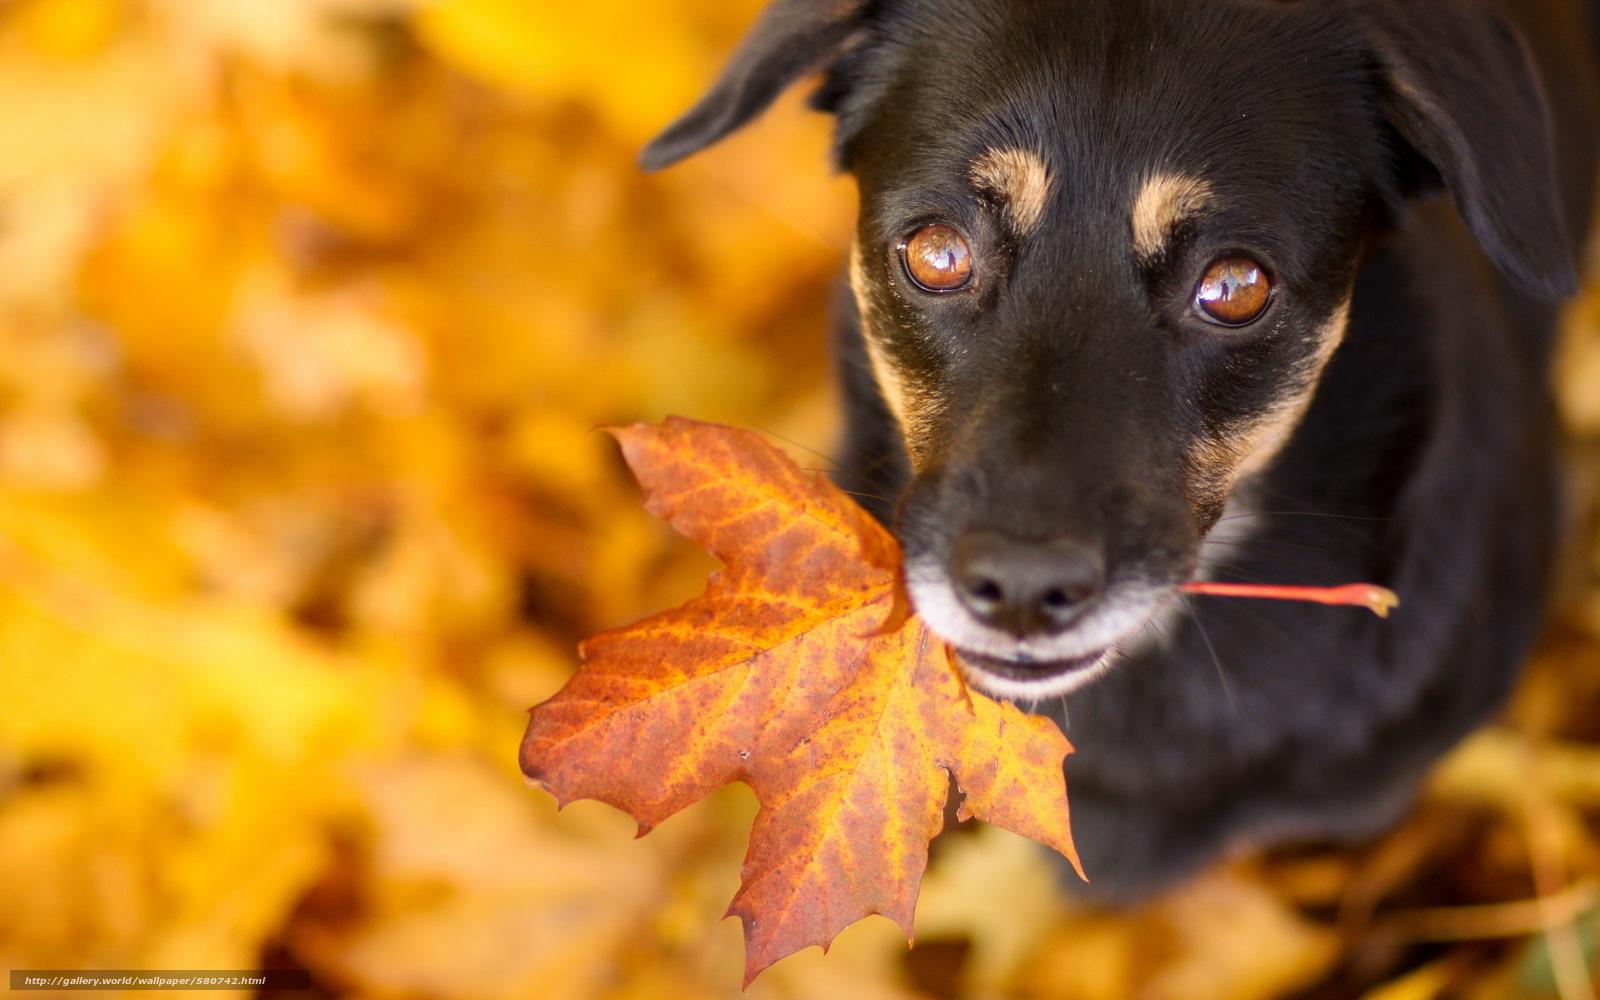 Скачать обои друг,  лист,  взгляд,  собака бесплатно для рабочего стола в разрешении 2560x1600 — картинка №580742